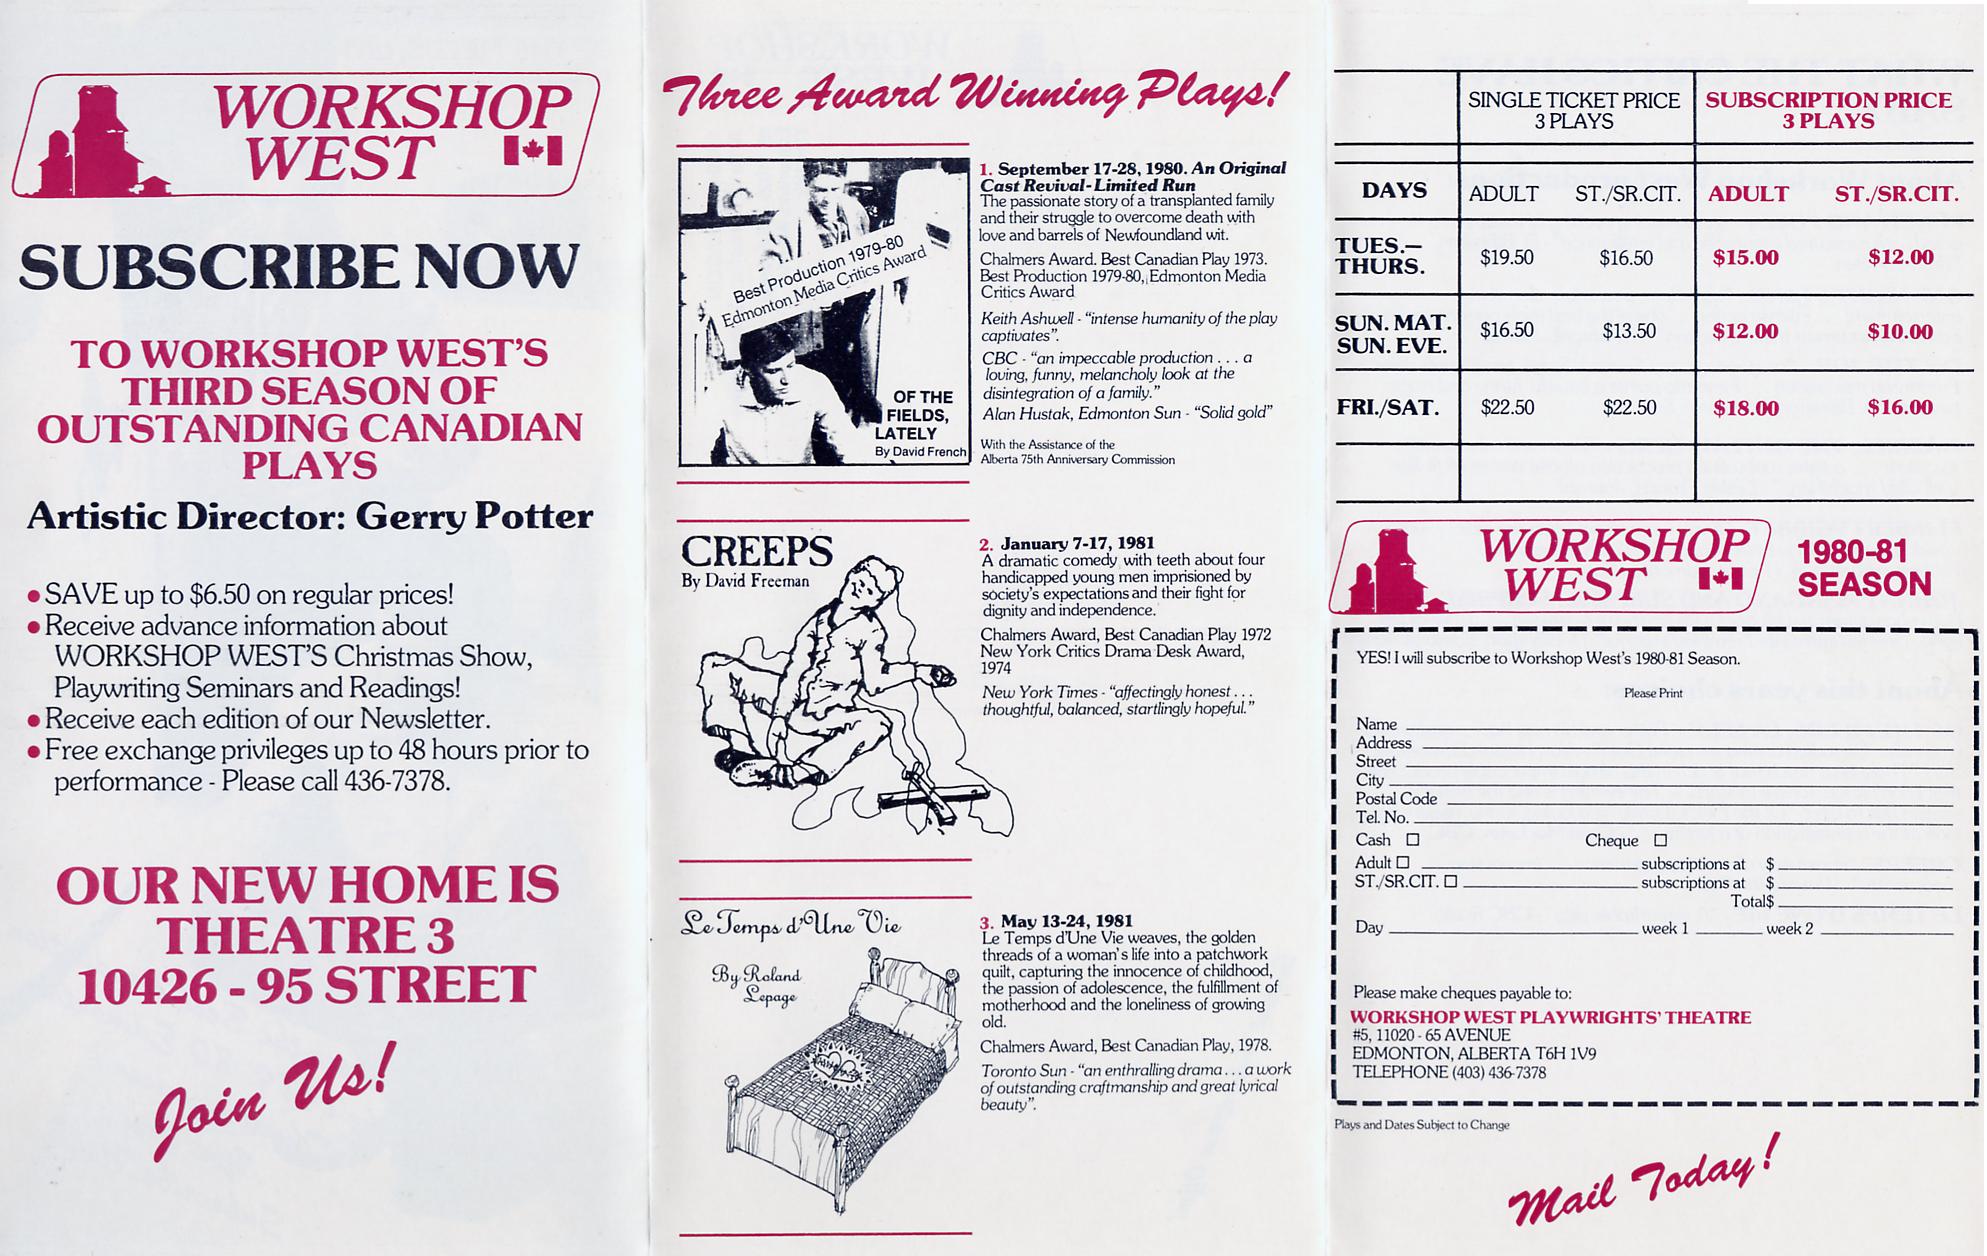 003-02. 80-81 Brochure.jpg